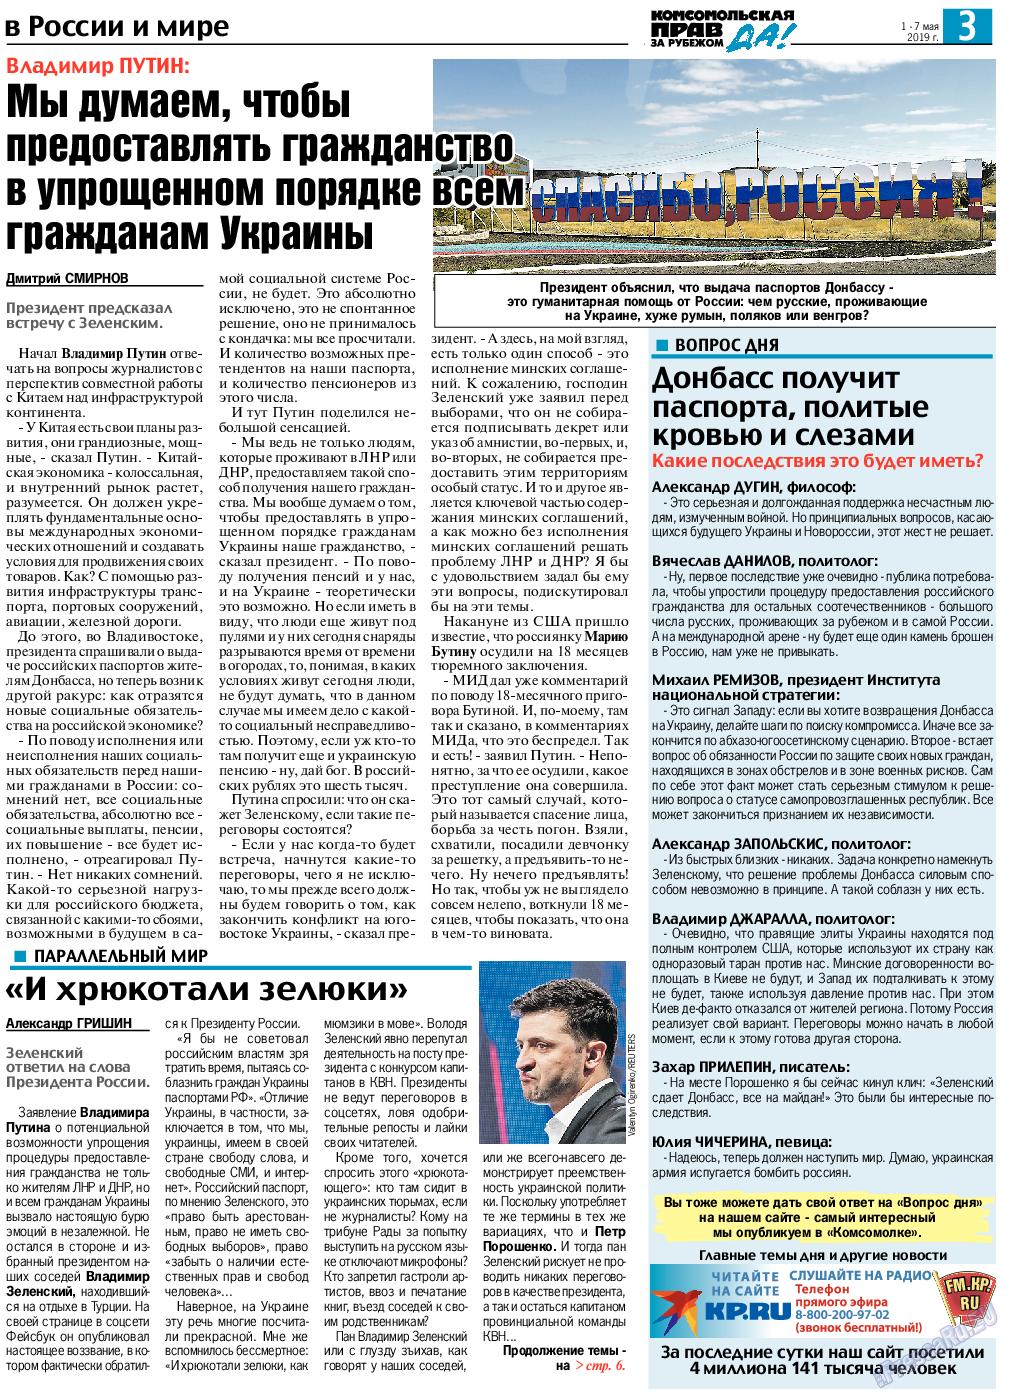 КП в Европе (газета). 2019 год, номер 18, стр. 3